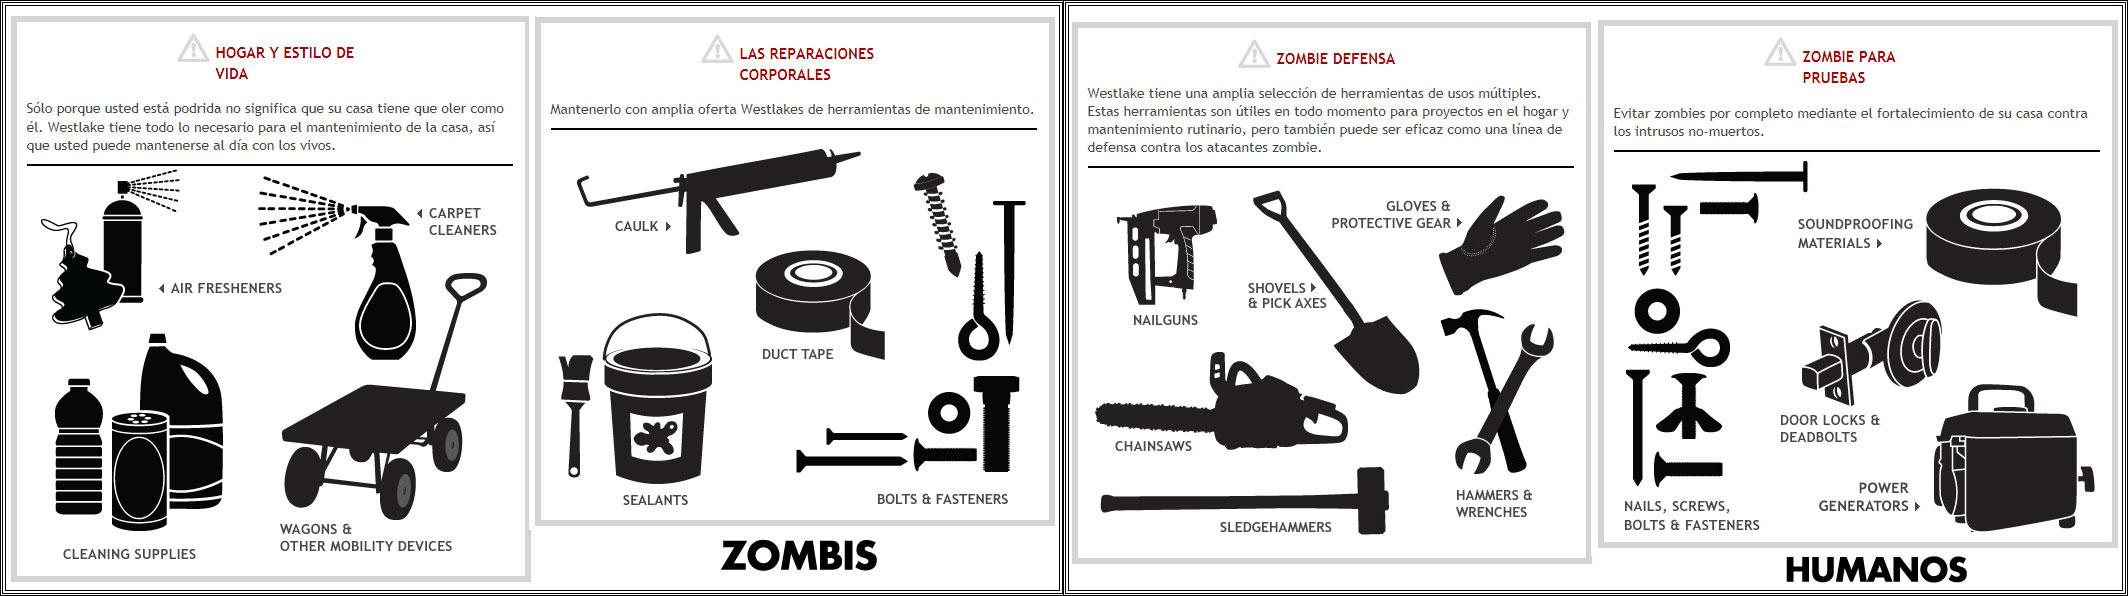 Supervivencia zombi apocalipsis zombi